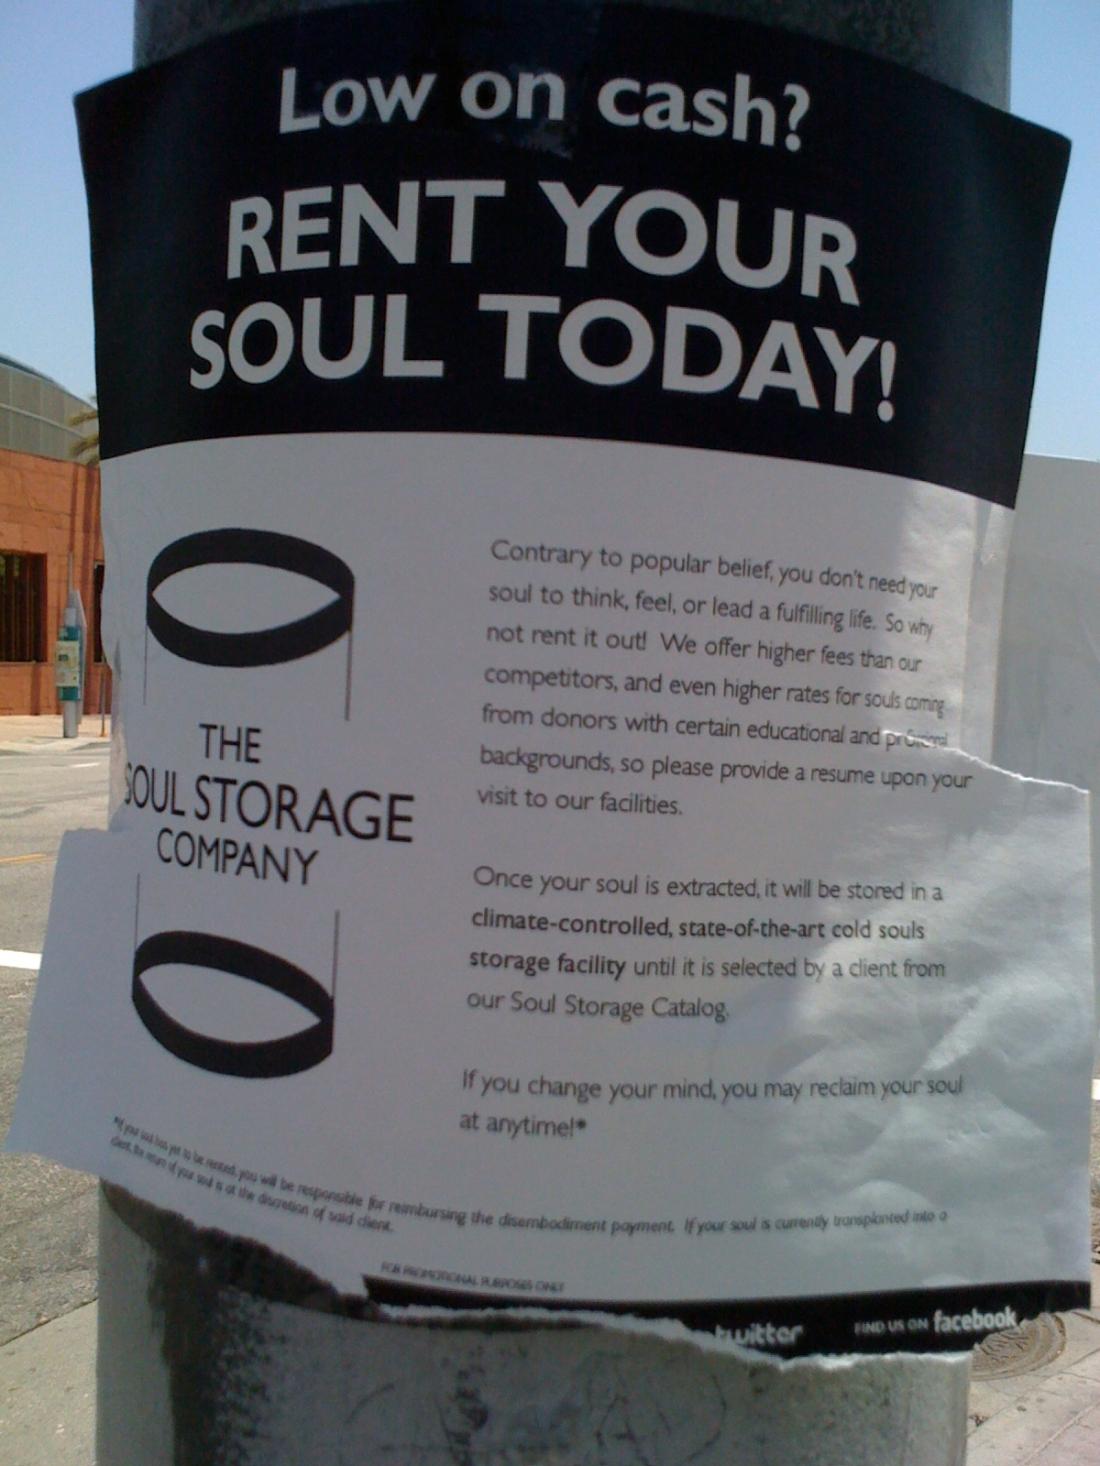 Soul for cash